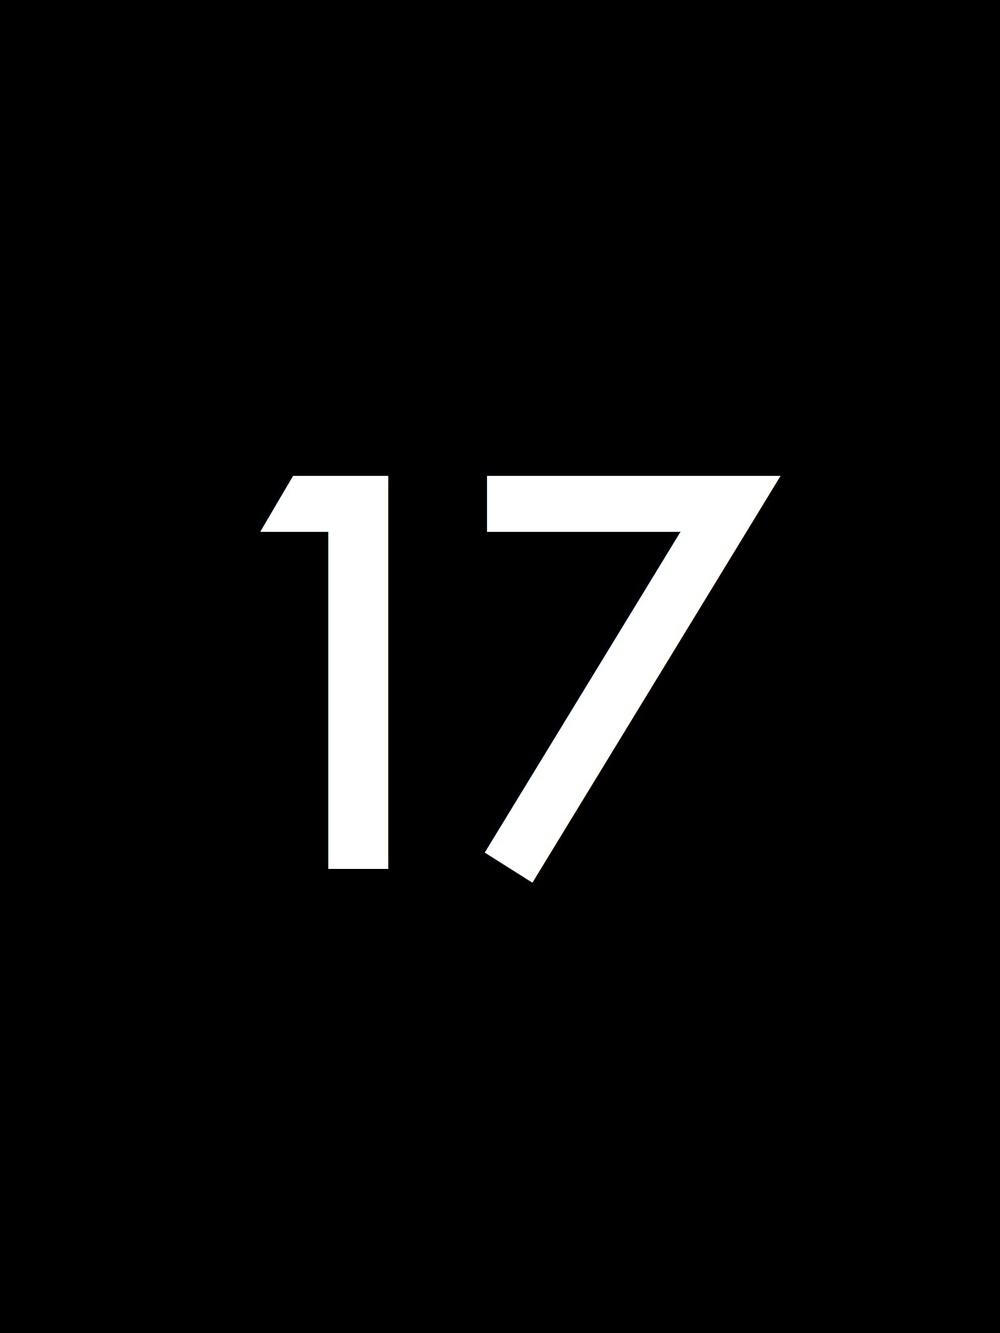 Black_Number.017.jpg